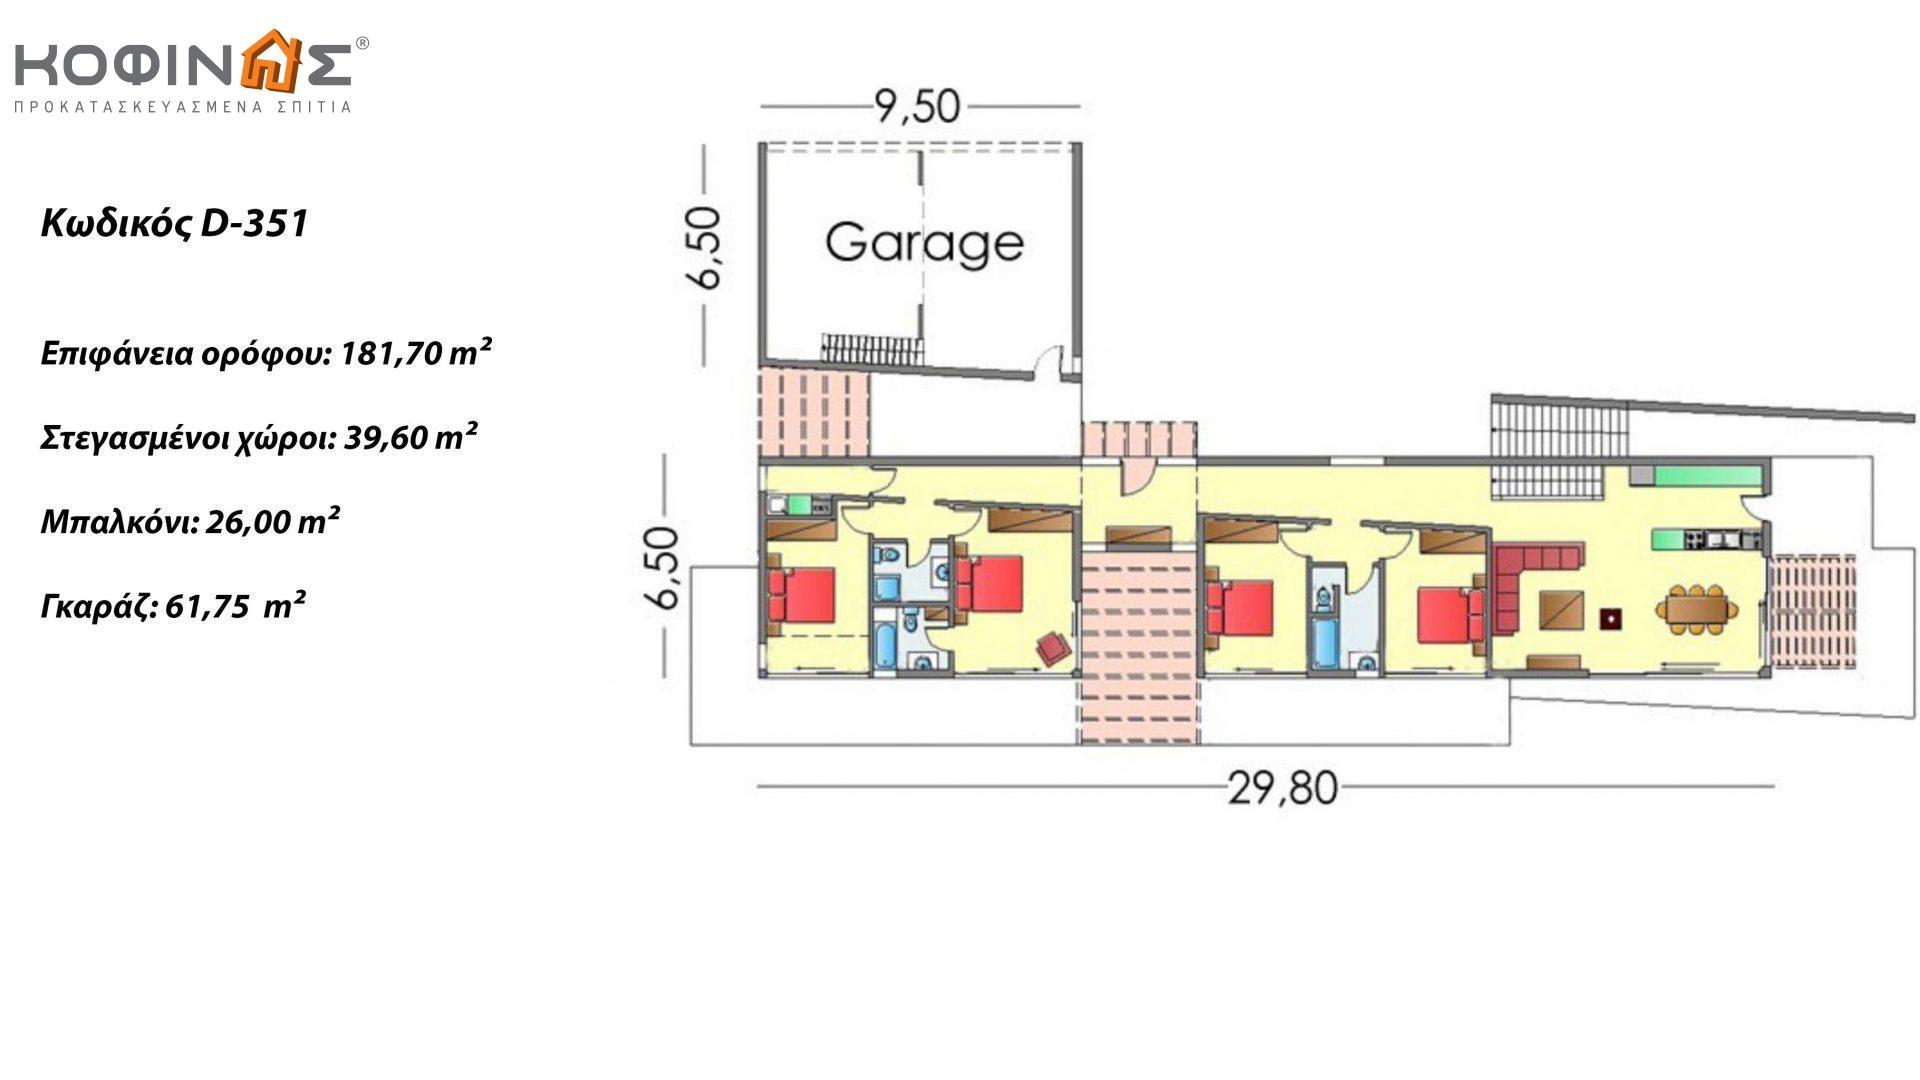 Διώροφη Κατοικία D-351, συνολικής επιφάνειας 351,80 τ.μ., συνολική επιφάνεια στεγασμένων χώρων 57.60 τ.μ., μπαλκόνια 26.00 τ.μ.